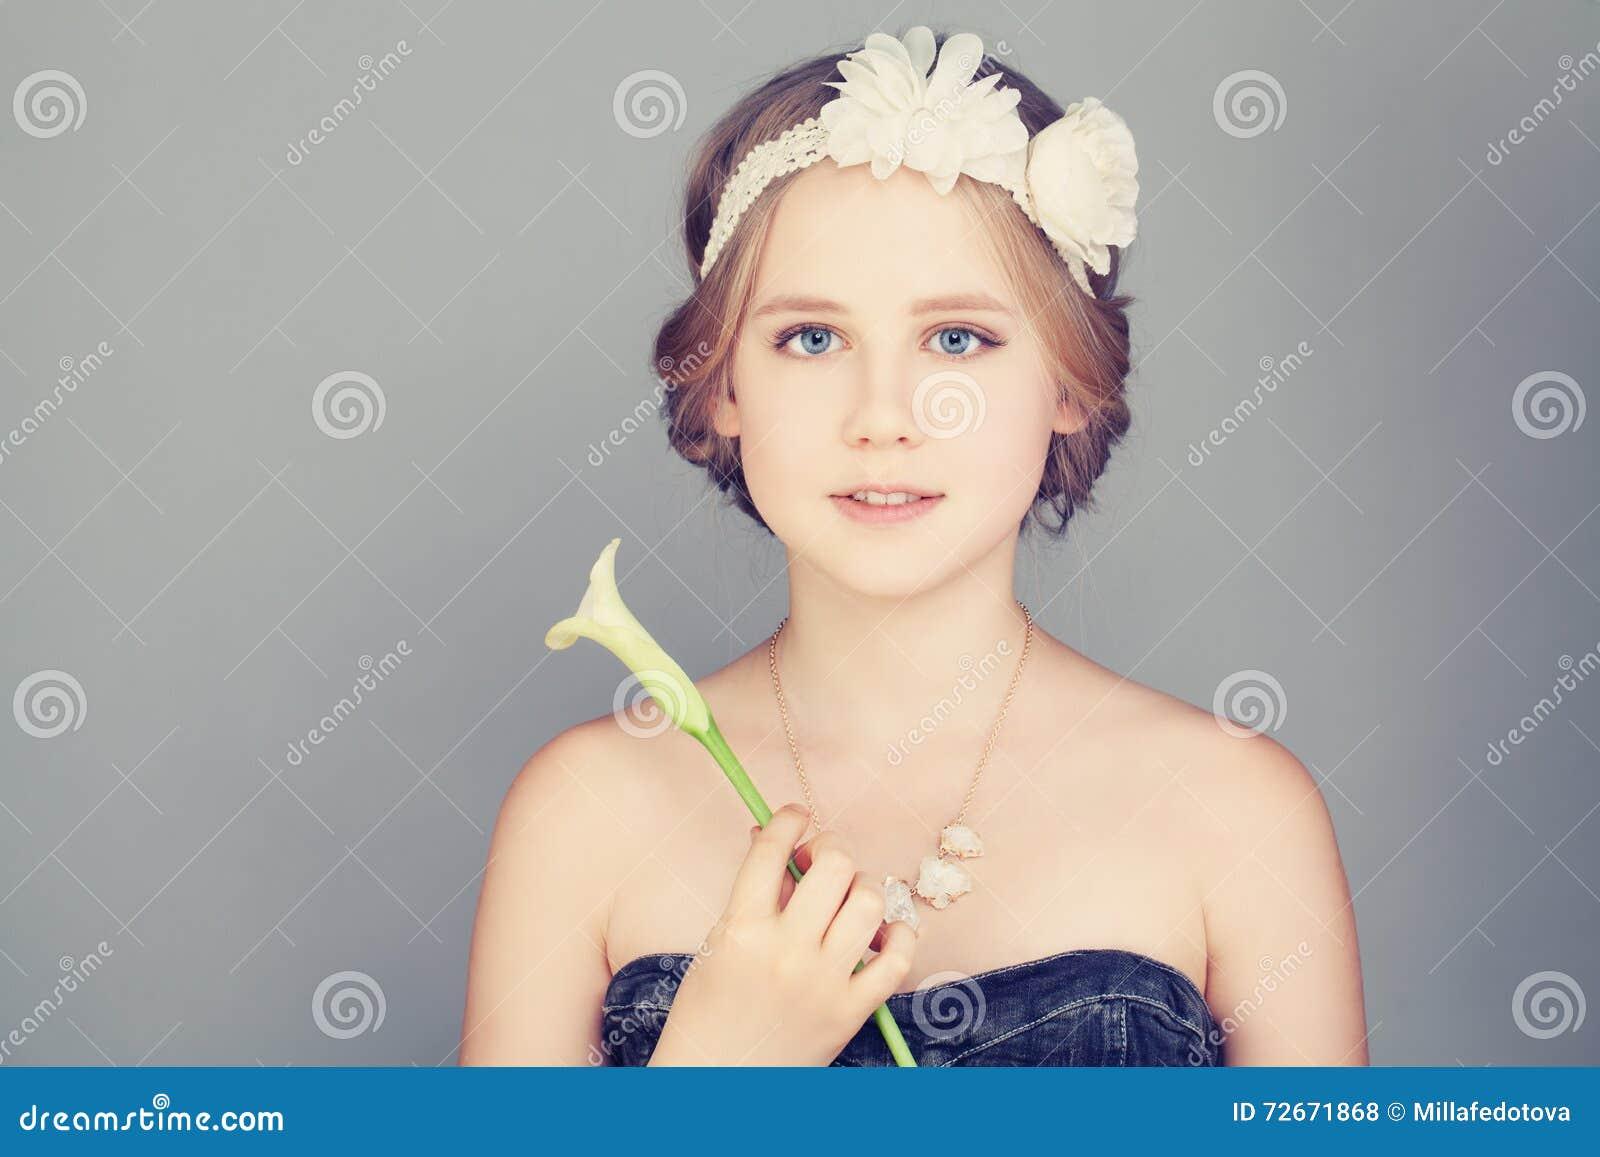 Kindermädchen Mit Dem Blonden Haar Böhmische Boho Chic Frisur